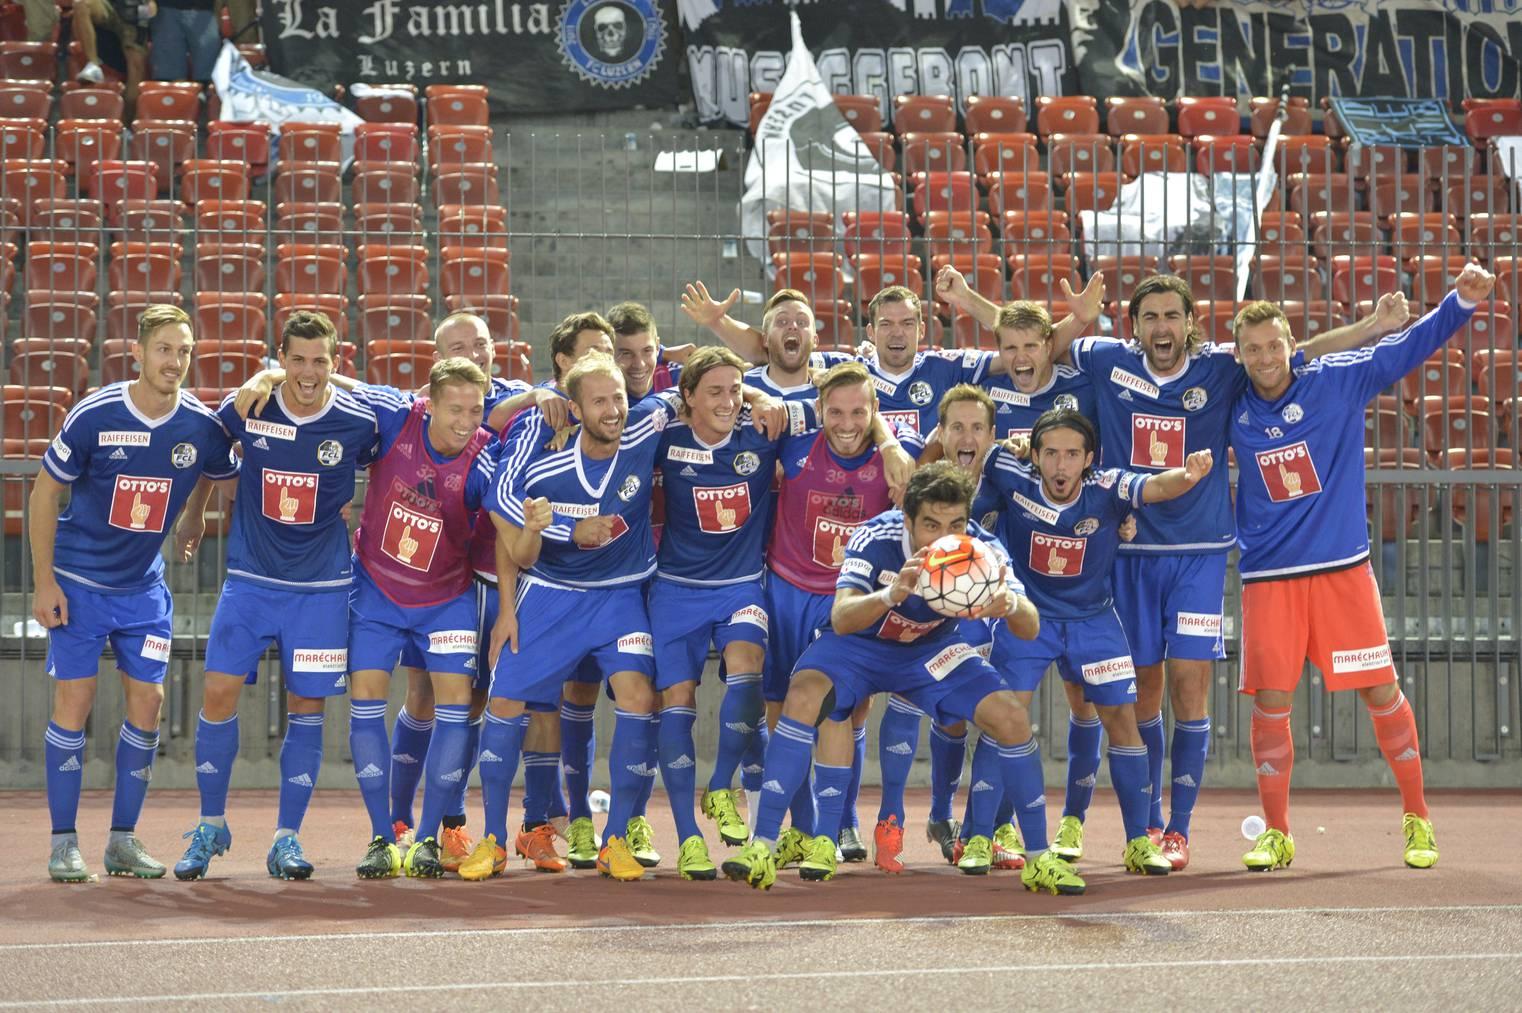 Sieg! Die Mannschaft des FC Luzern feiert den 5:2-Erfolg beim FC Zürich.